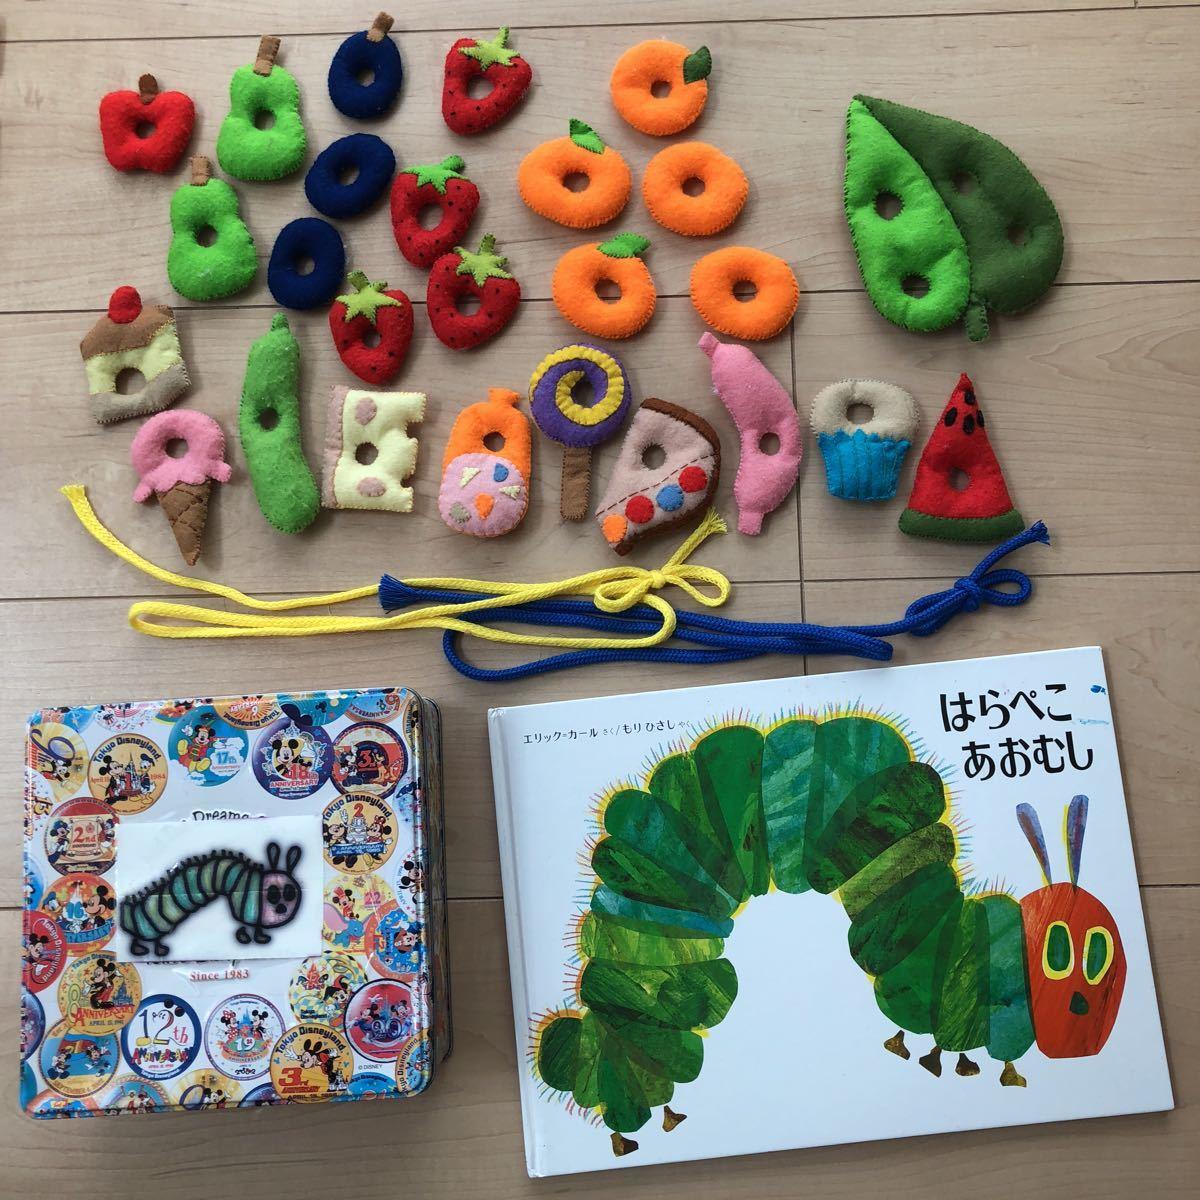 保育園 手作り おもちゃ